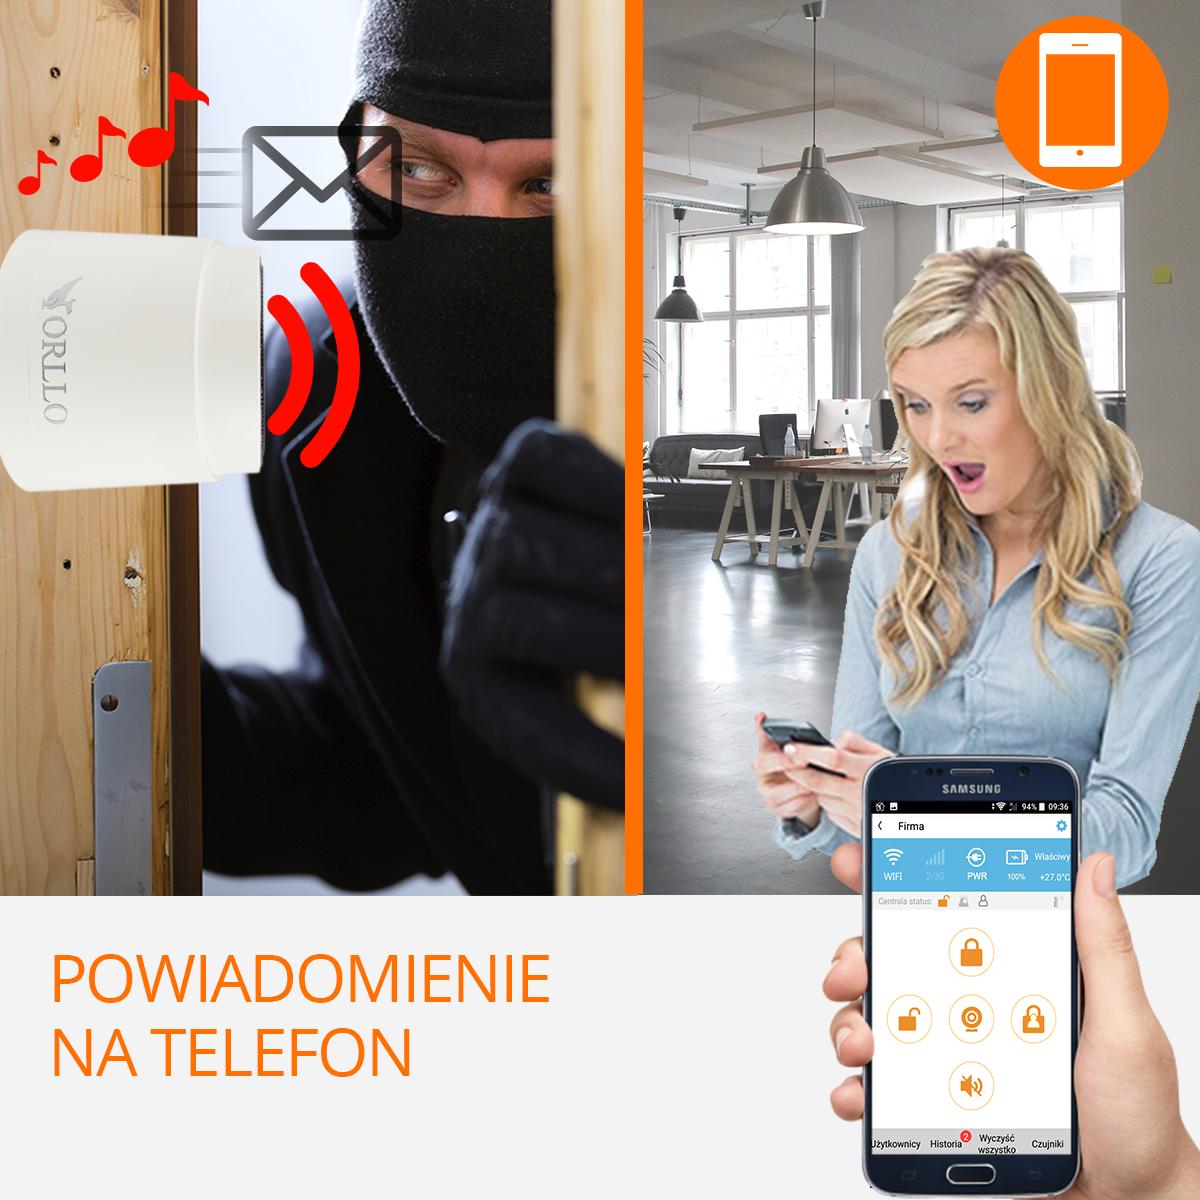 Centrala alarmowa powiadomienie na telefon syrena wewnetrzna orllo.pl